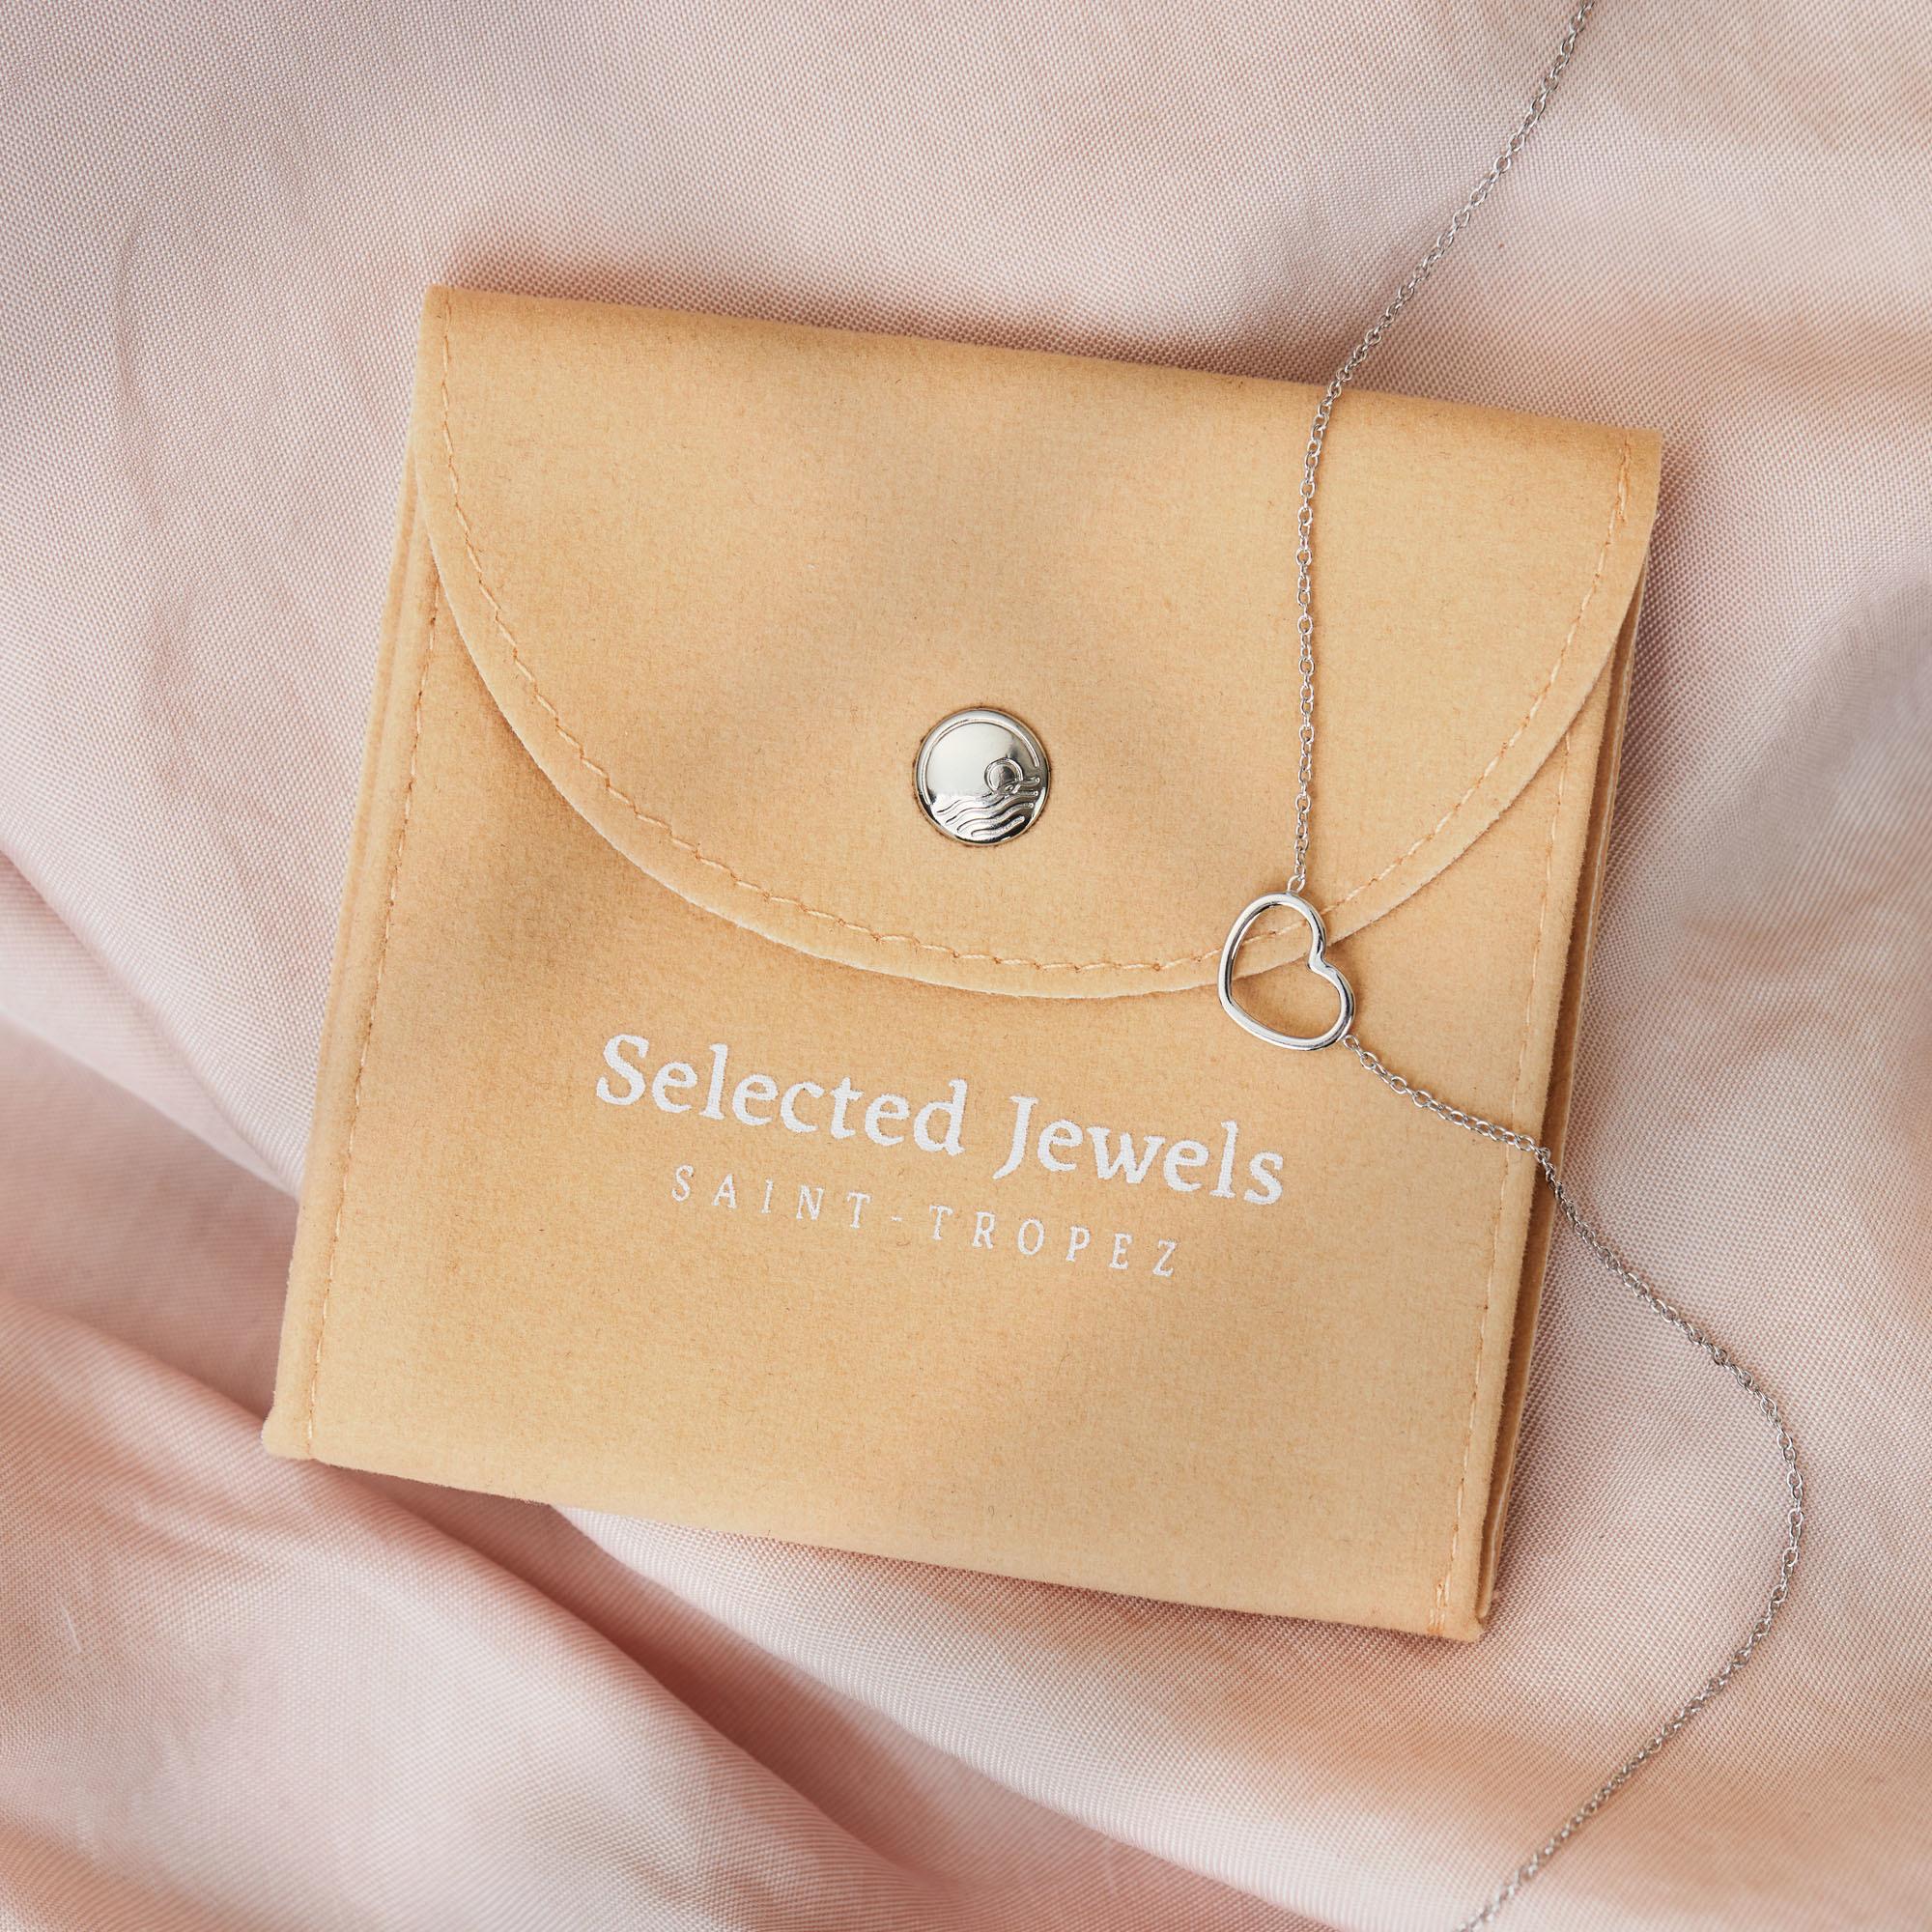 Selected Jewels Julie Théa 925 Sterling Silber goldfarbenes Creolen